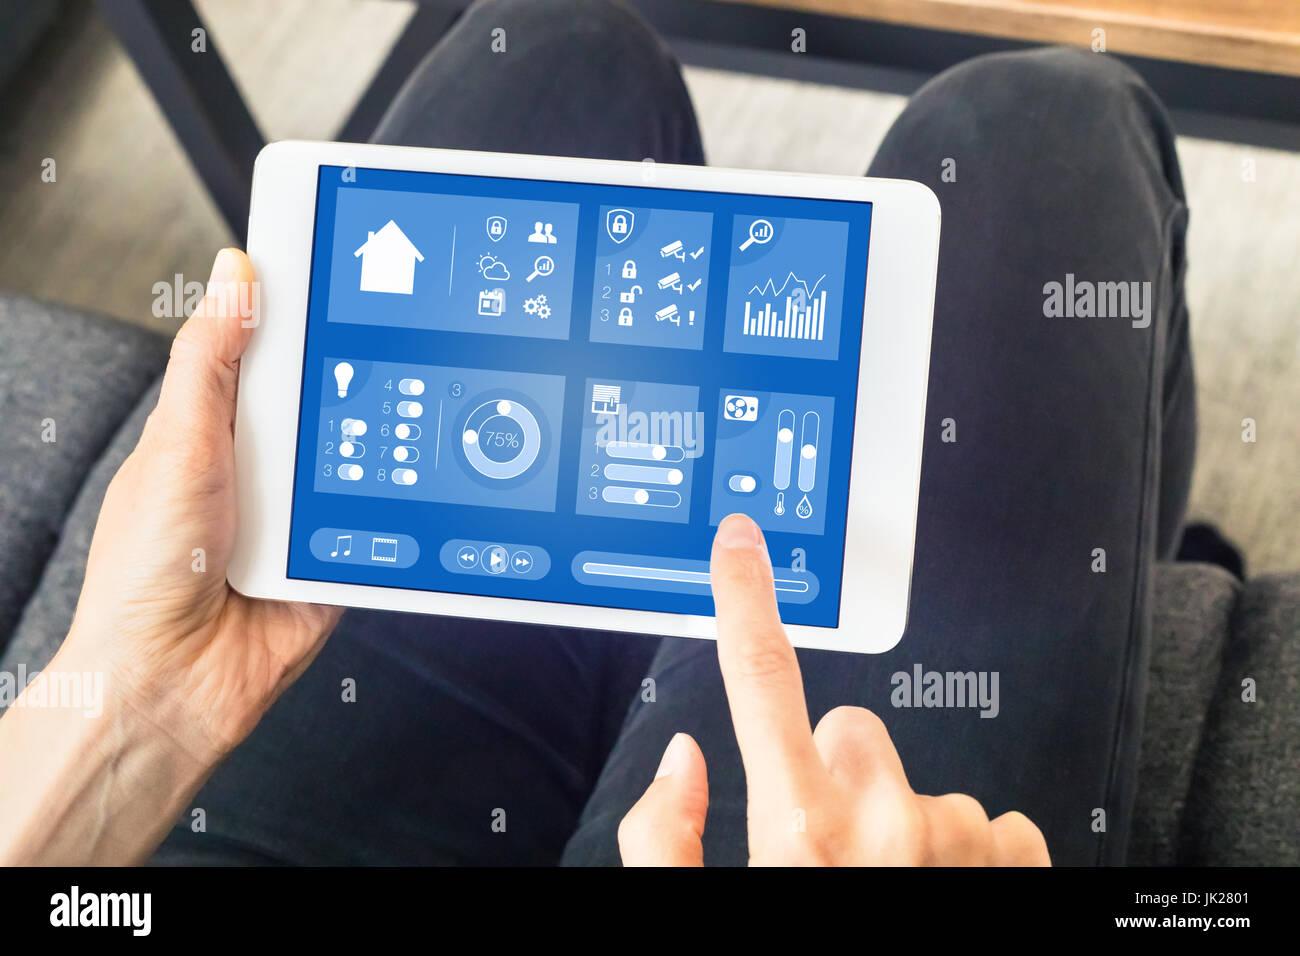 La persona utilizando la automatización inteligente en el hogar digital dashboard en un tablet pc con internet Imagen De Stock